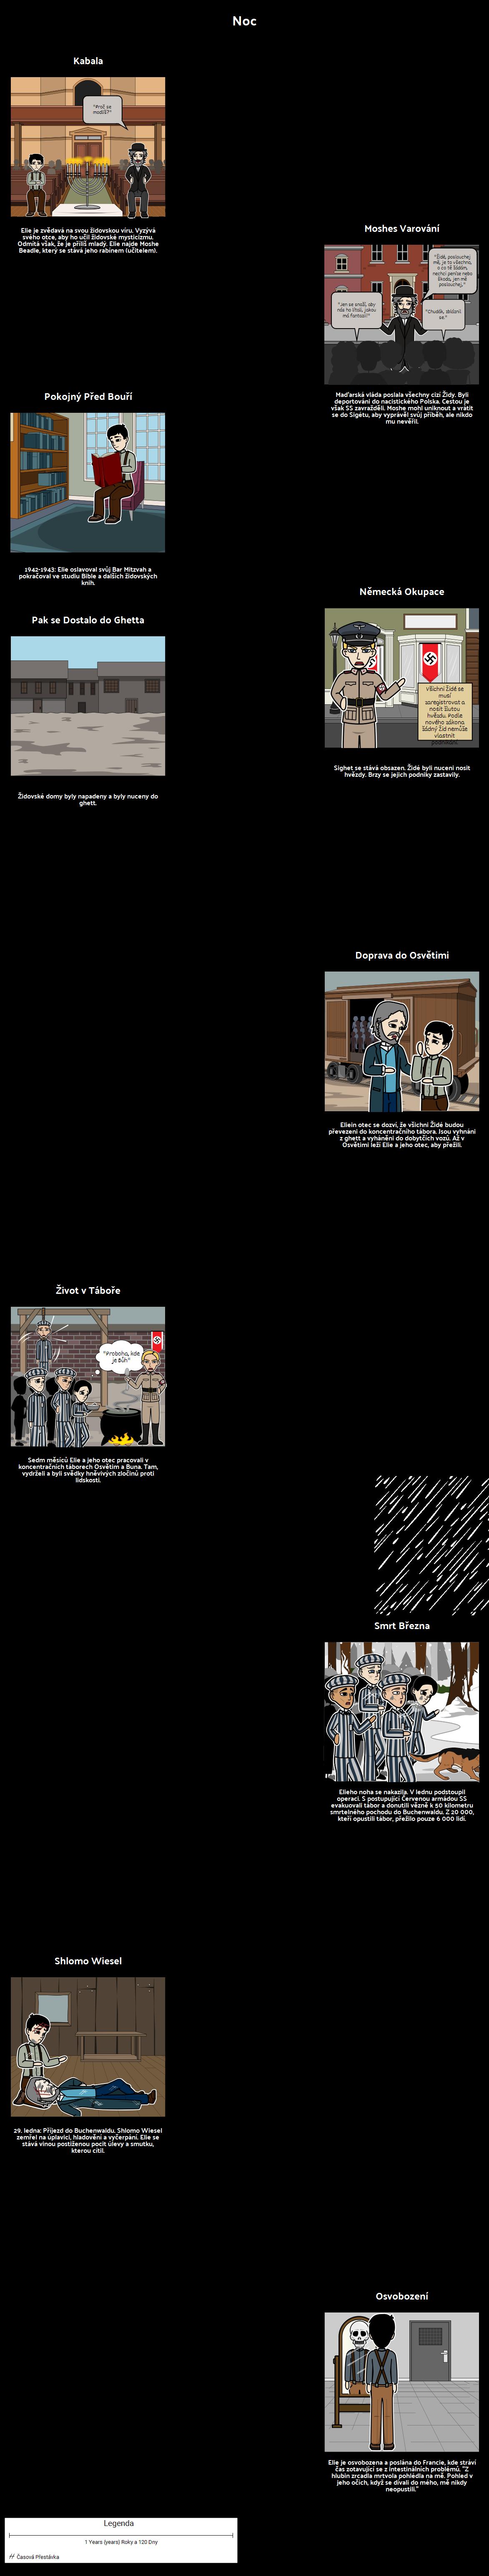 Elie Wiesel Night Timeline